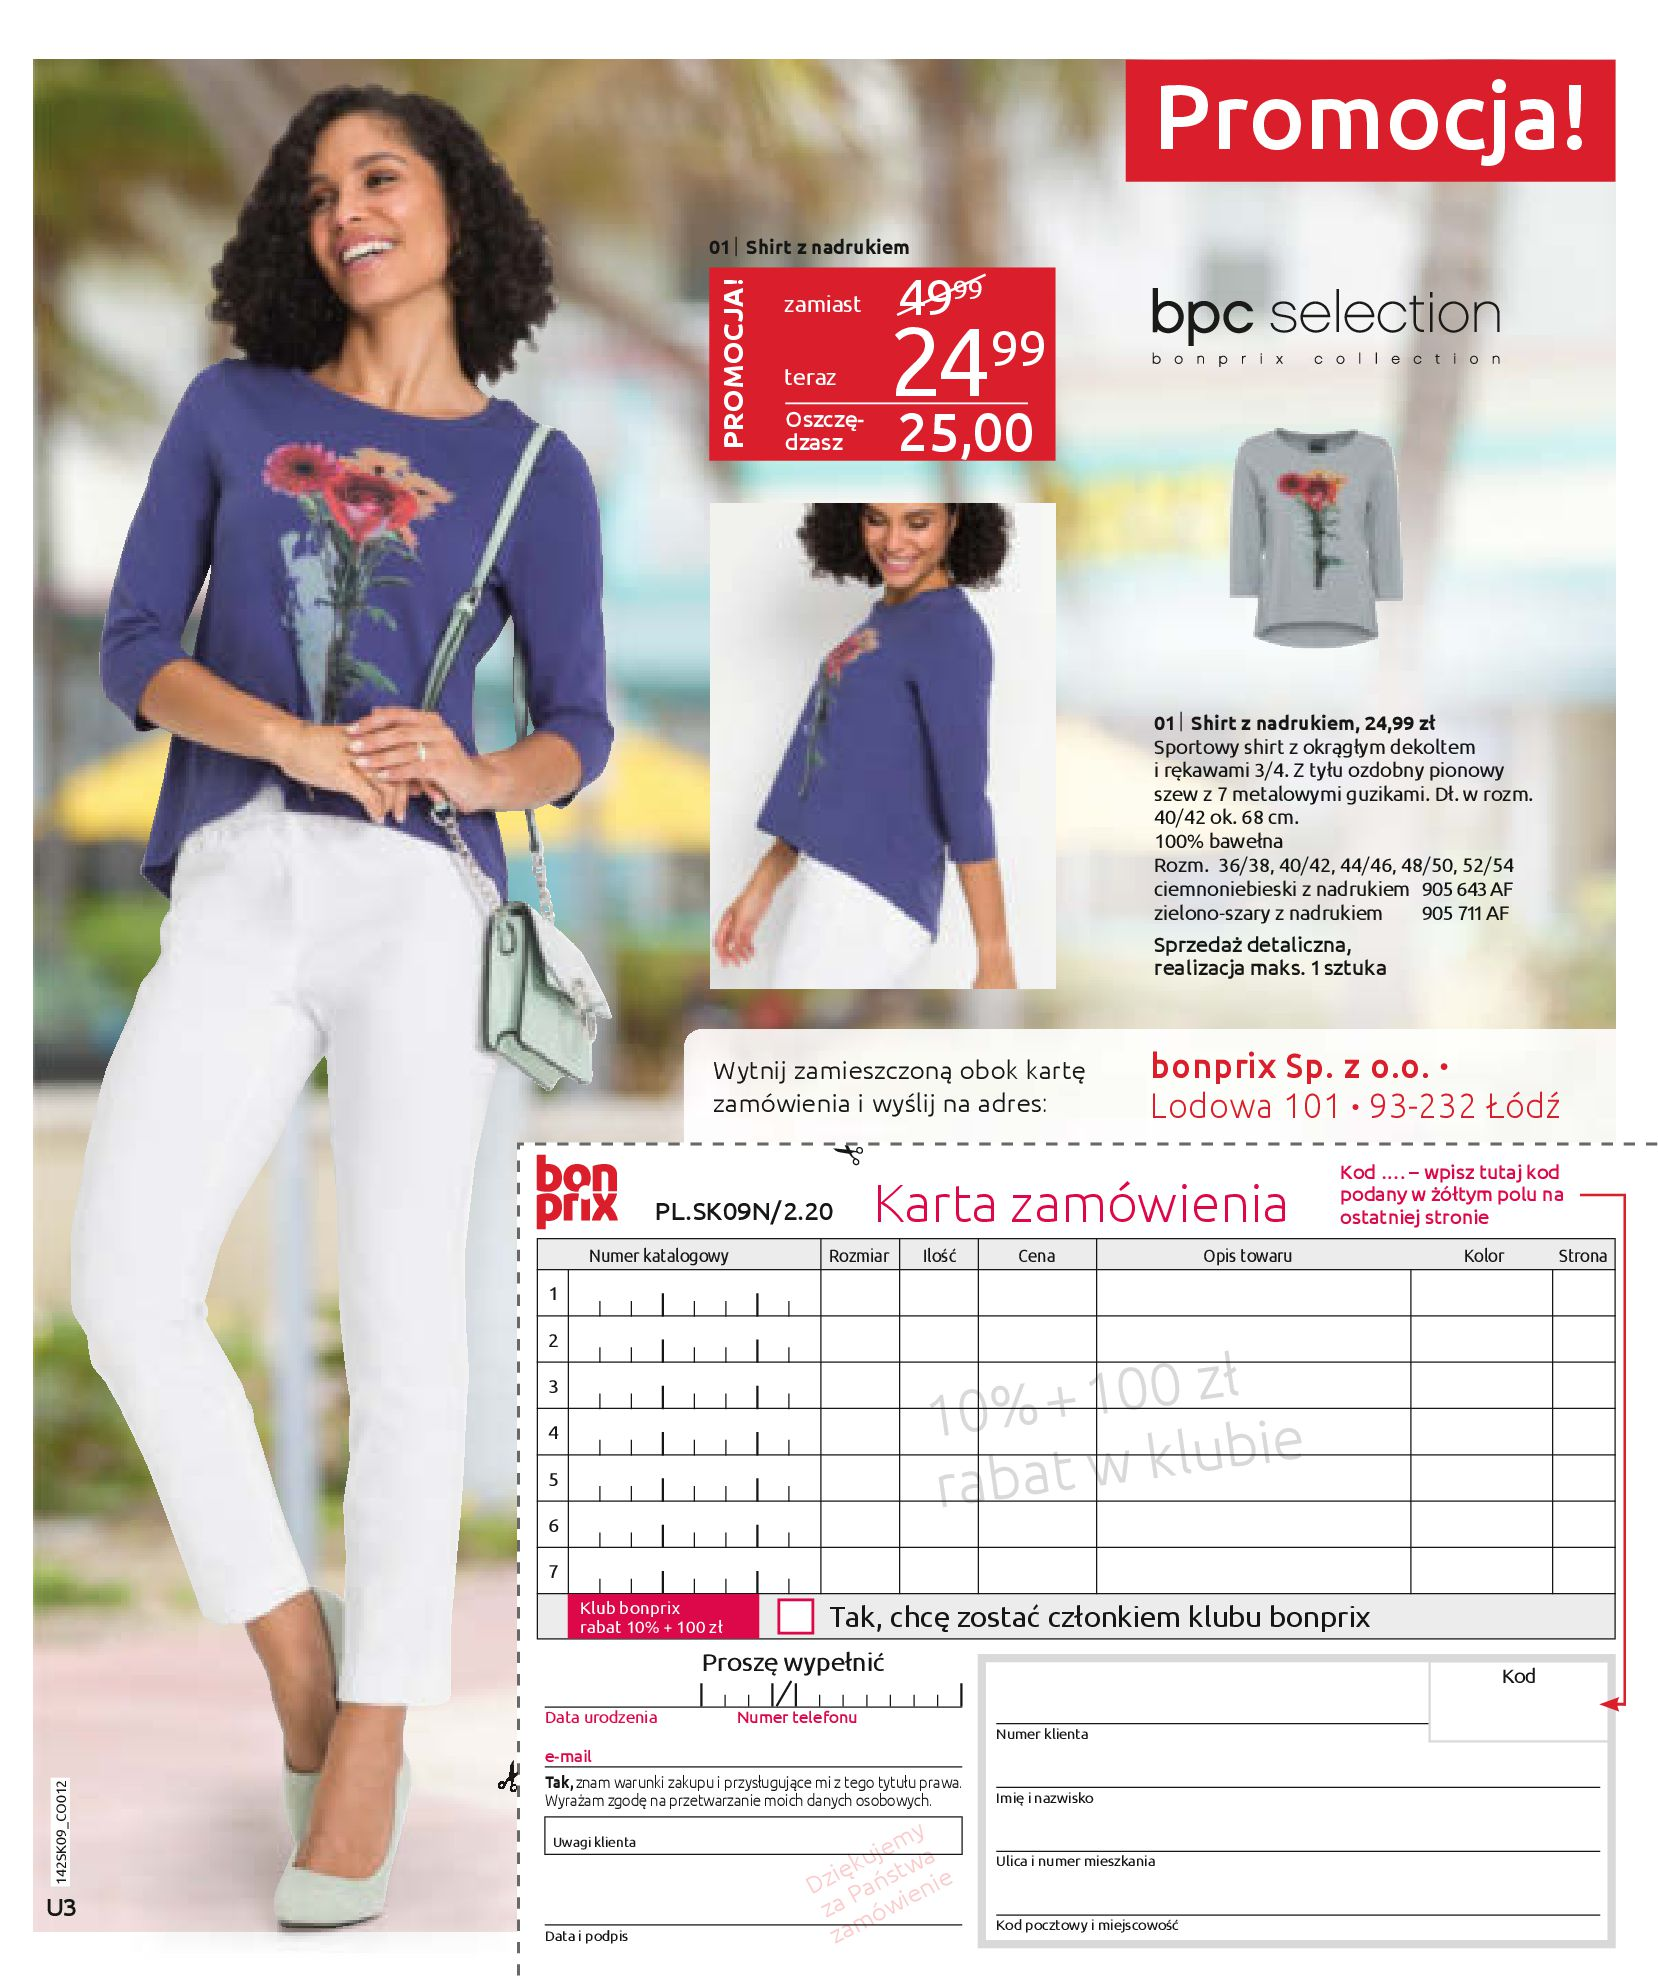 Gazetka Bonprix - Jesienny look-31.08.2020-28.02.2021-page-99